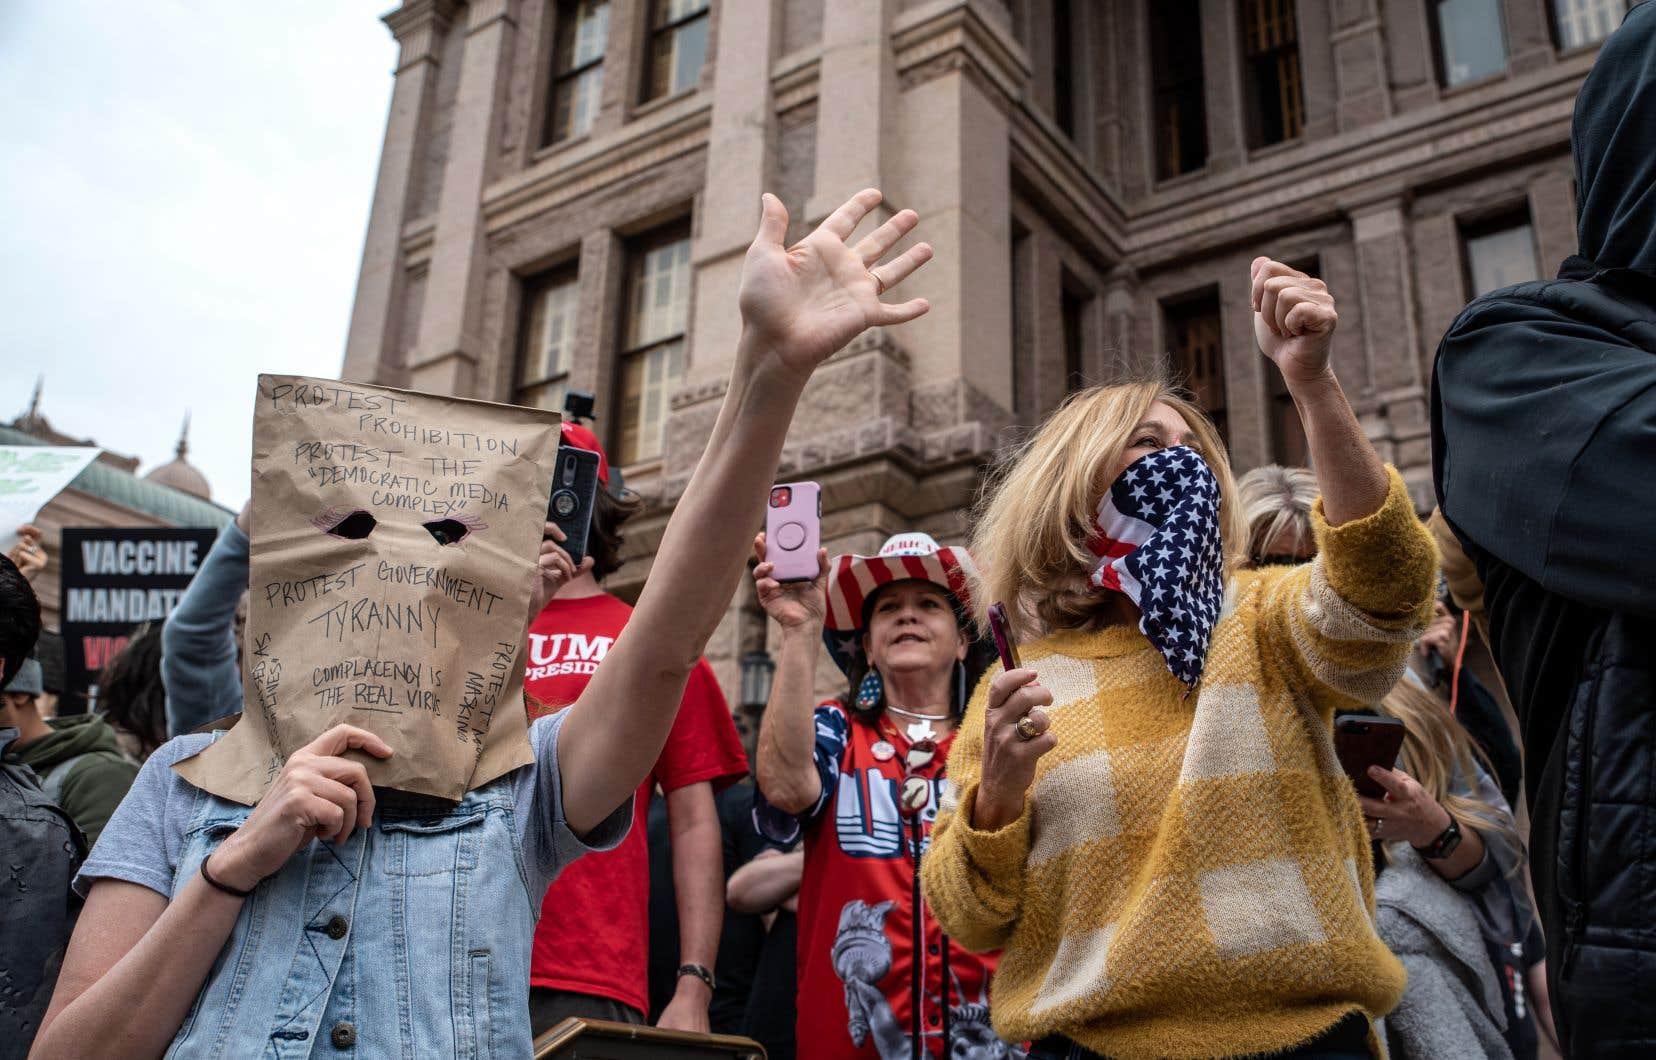 Les manifestations se sont multipliées depuis huit jours dans certains États américains pour dénoncer un confinement jugé excessif.